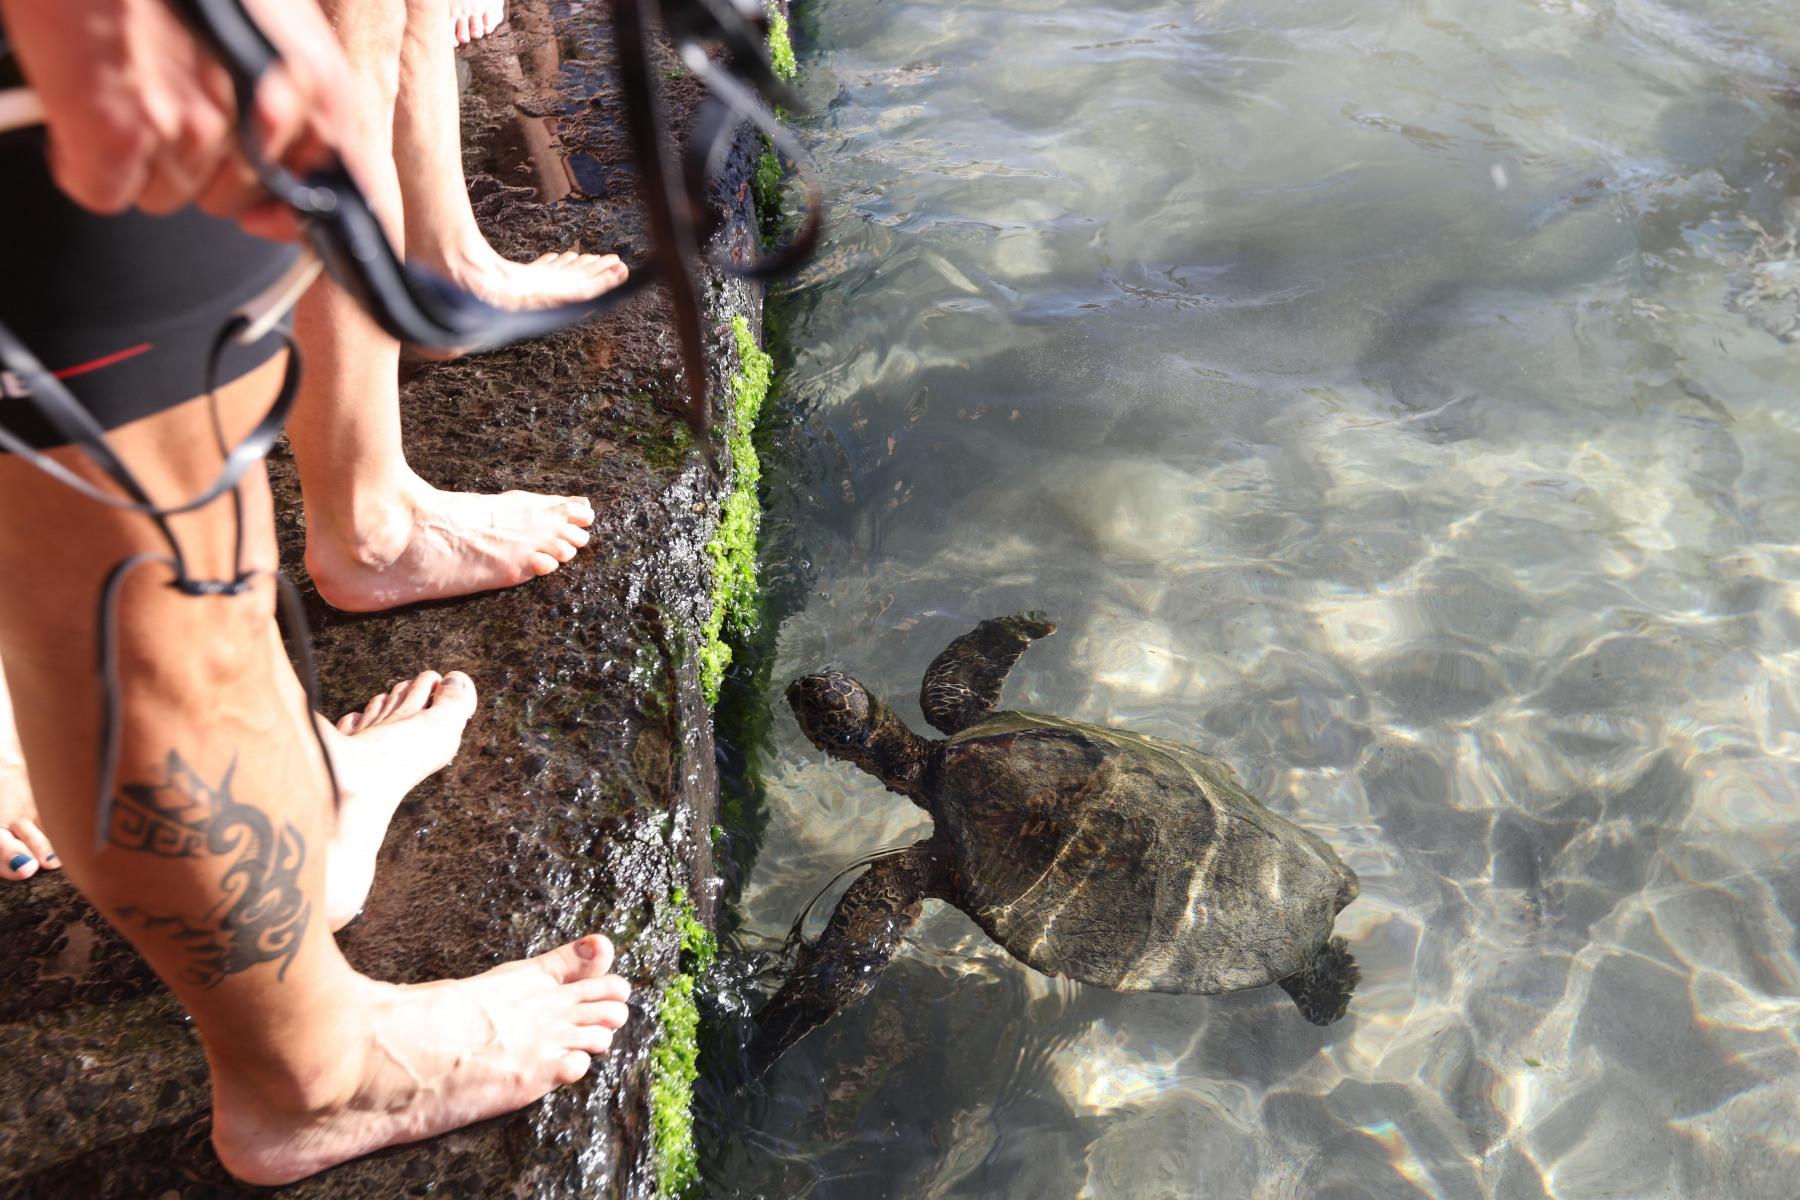 Immer noch begeistert von ihrem Frühstück und frei von Angst: die Schildkröte.